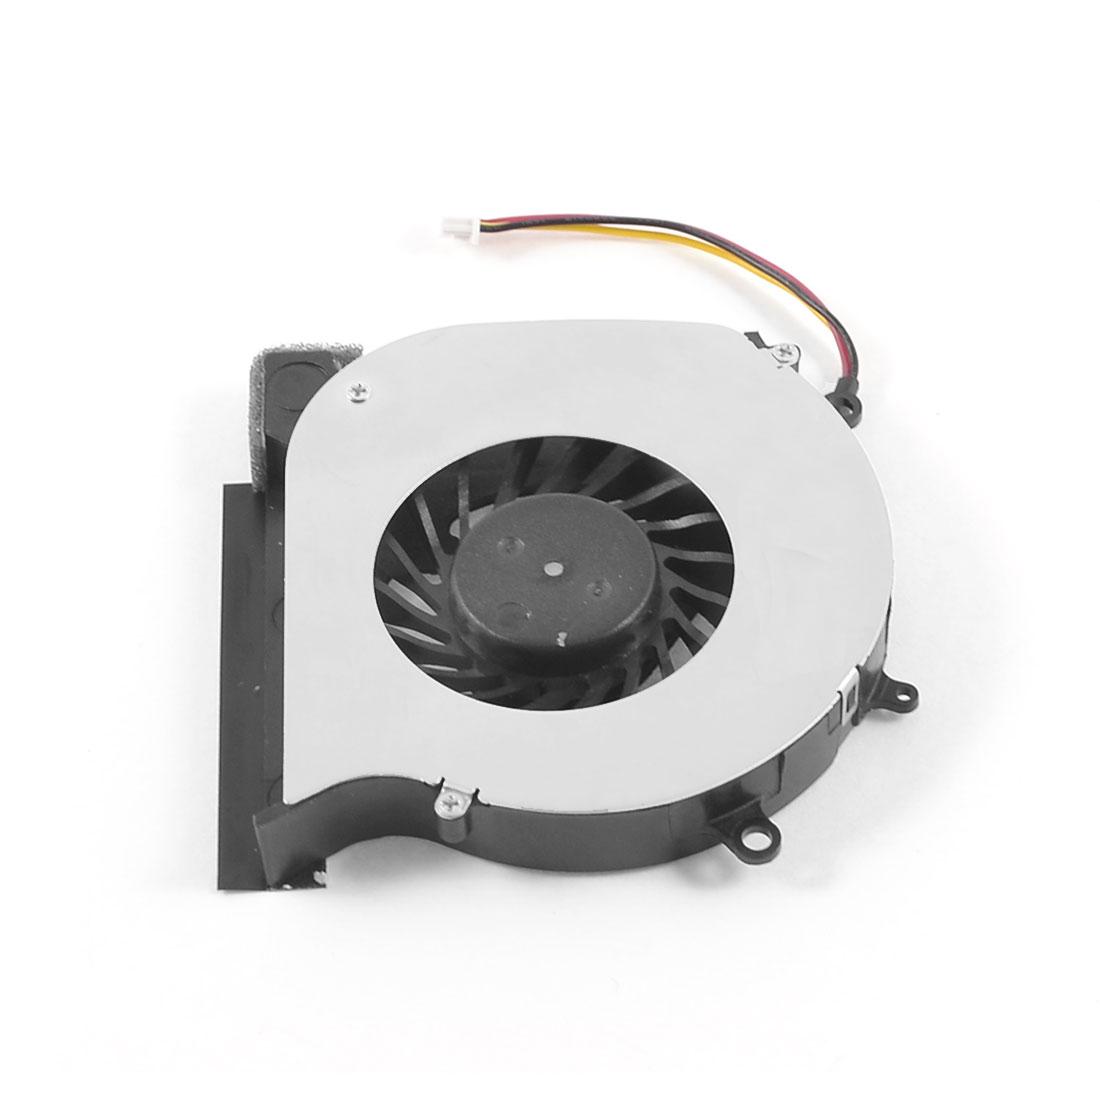 CPU Cooling Fan AB6205HX-GE3 for HP CQ36 35 DV3-2100 2200 DV3Z-1100 Notebook